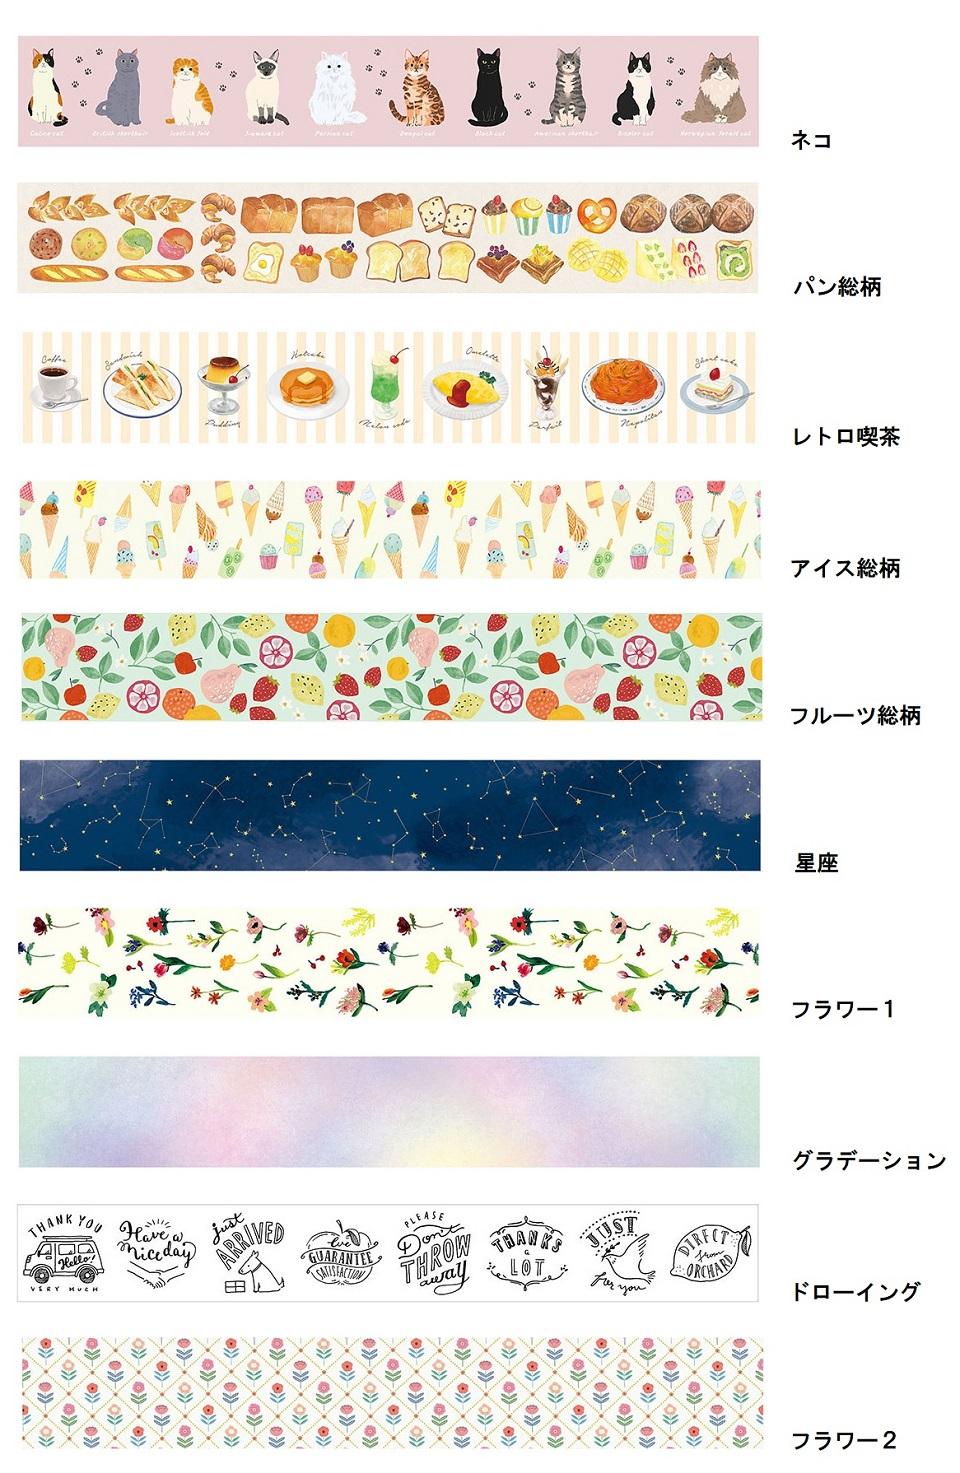 おすすめ フリマ アプリ